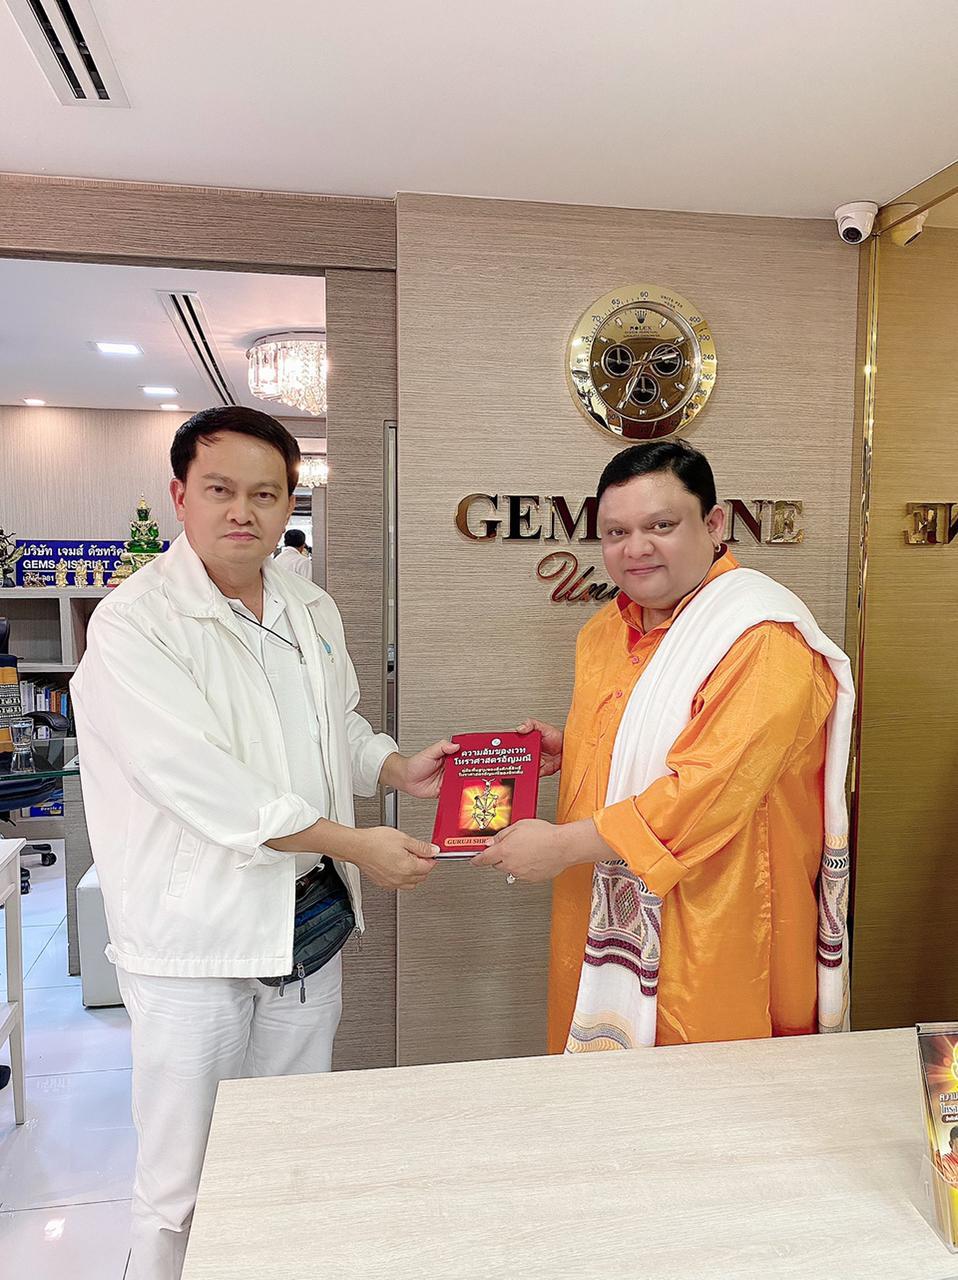 Guruji Shrii Arnav with General Prasooth Rusmepate